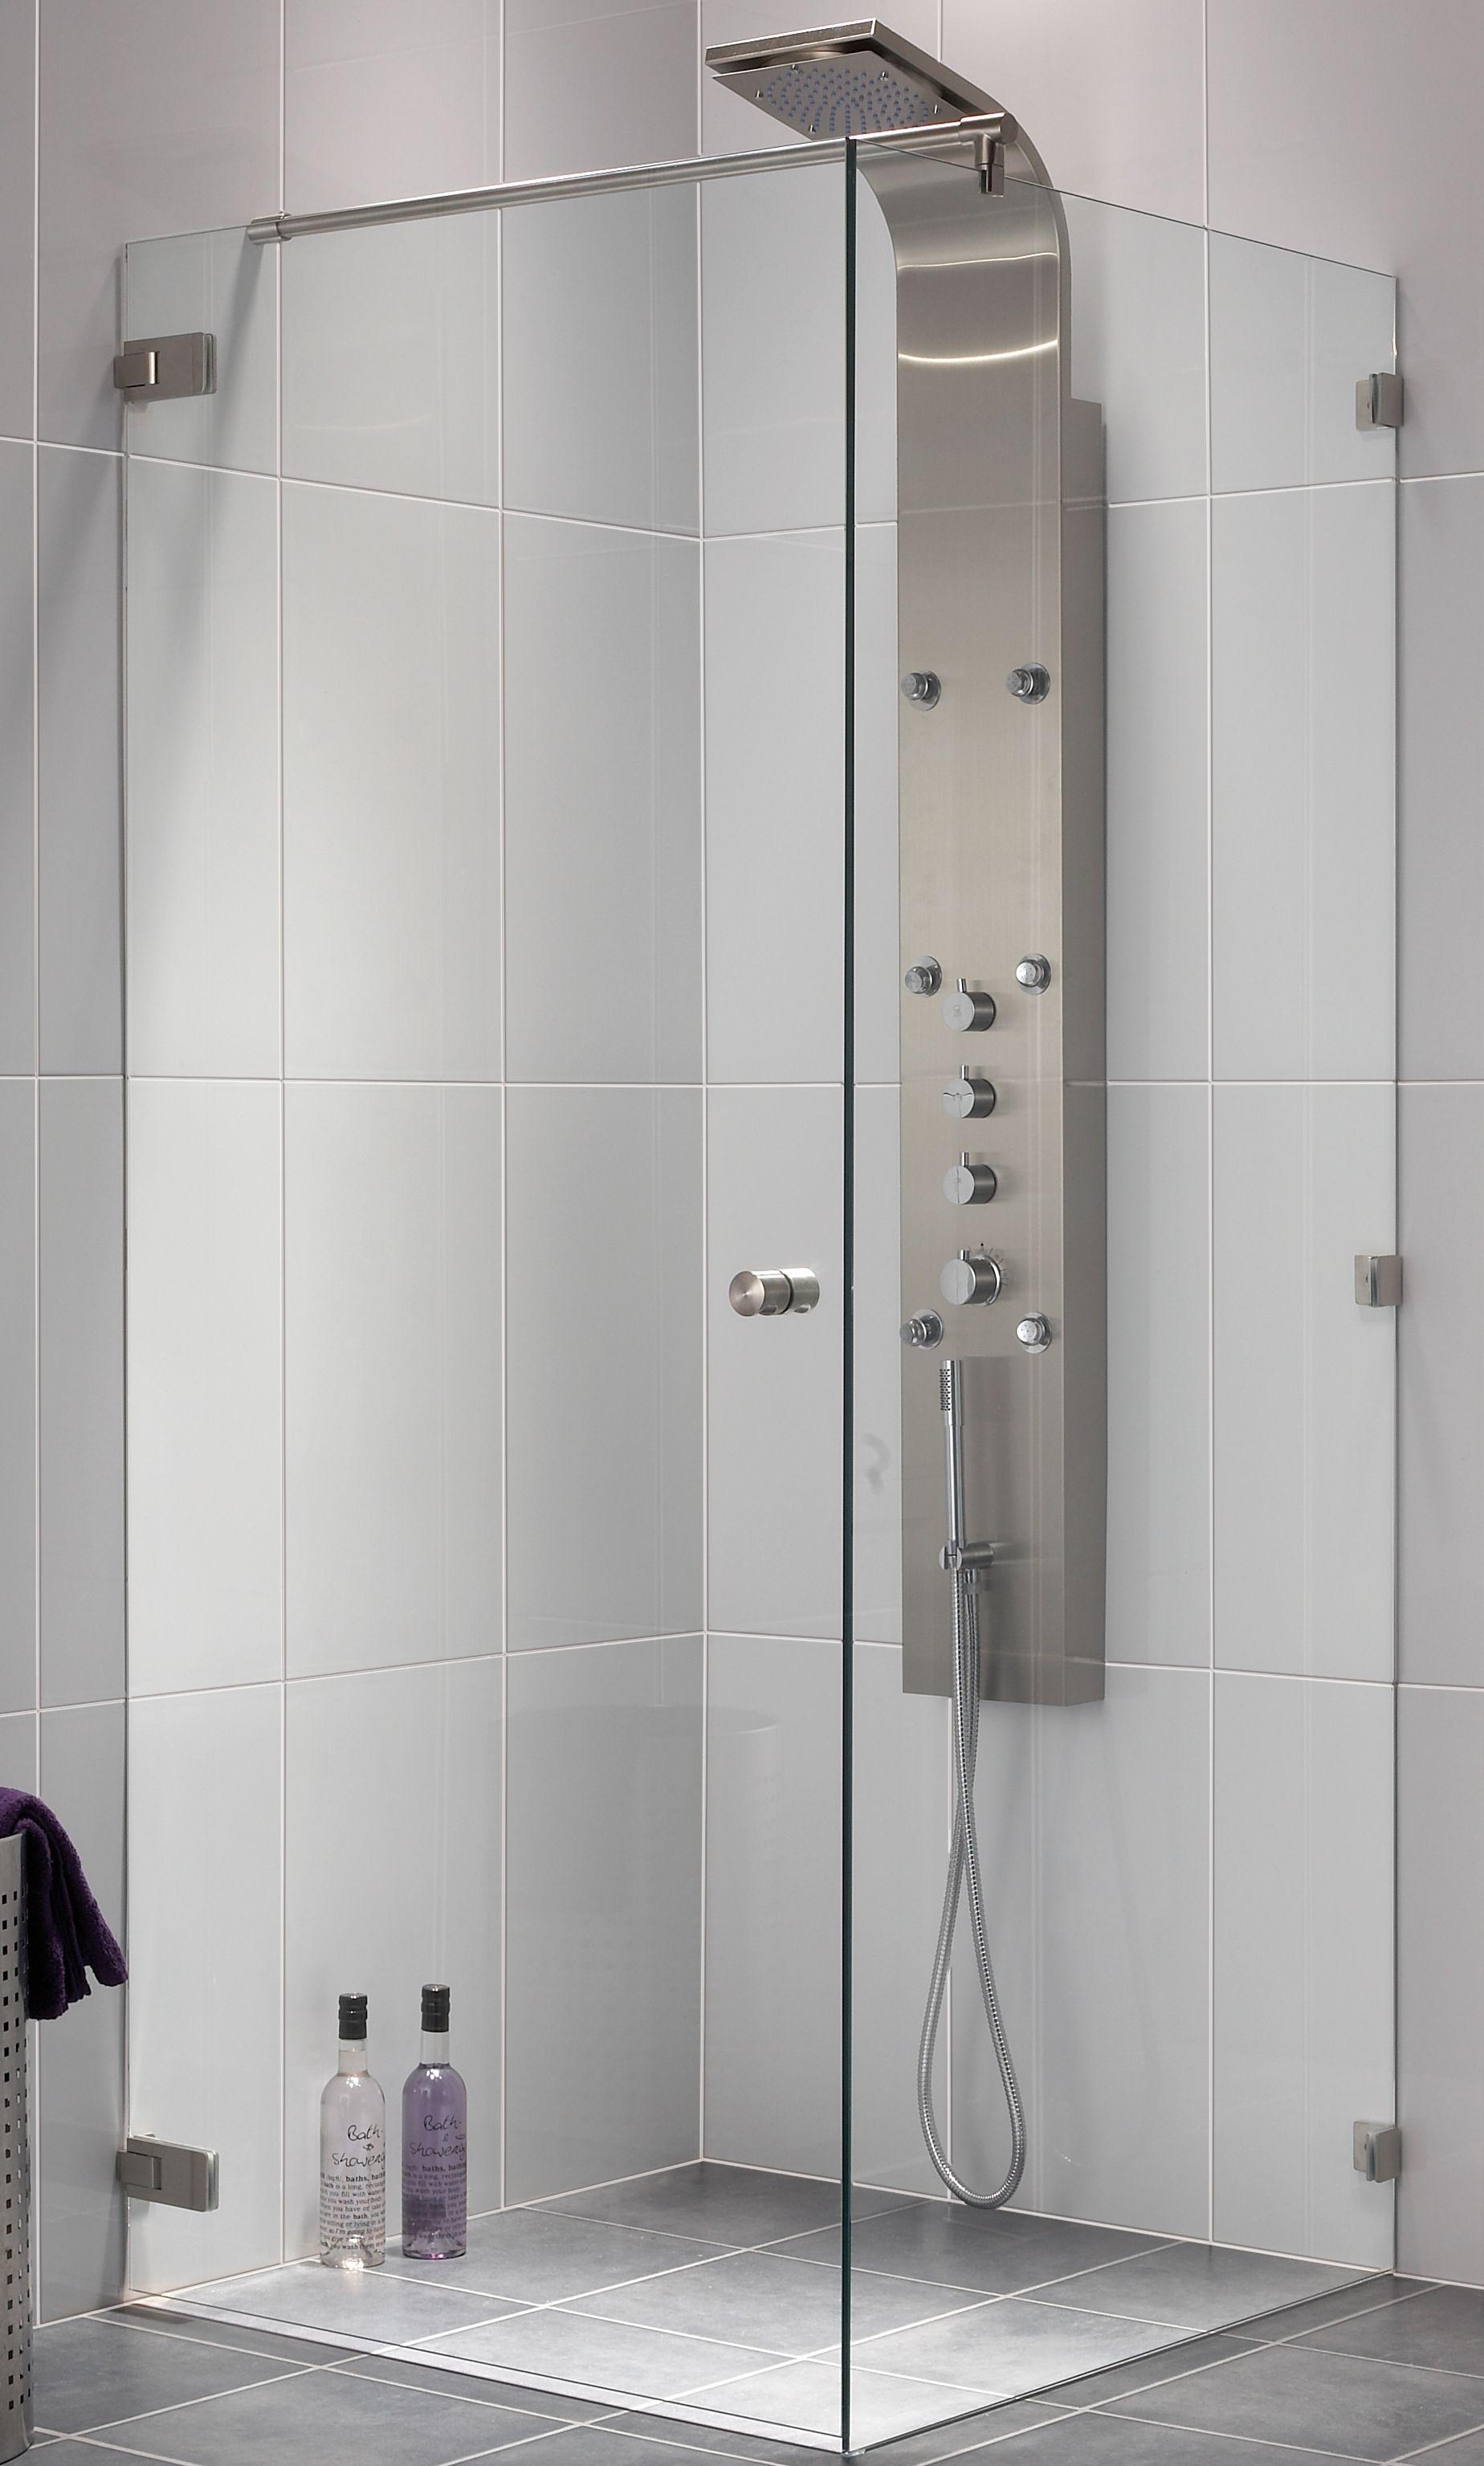 Aqualux Couture Zijwand 88x200 cm incl. stabilisatiestang rvs